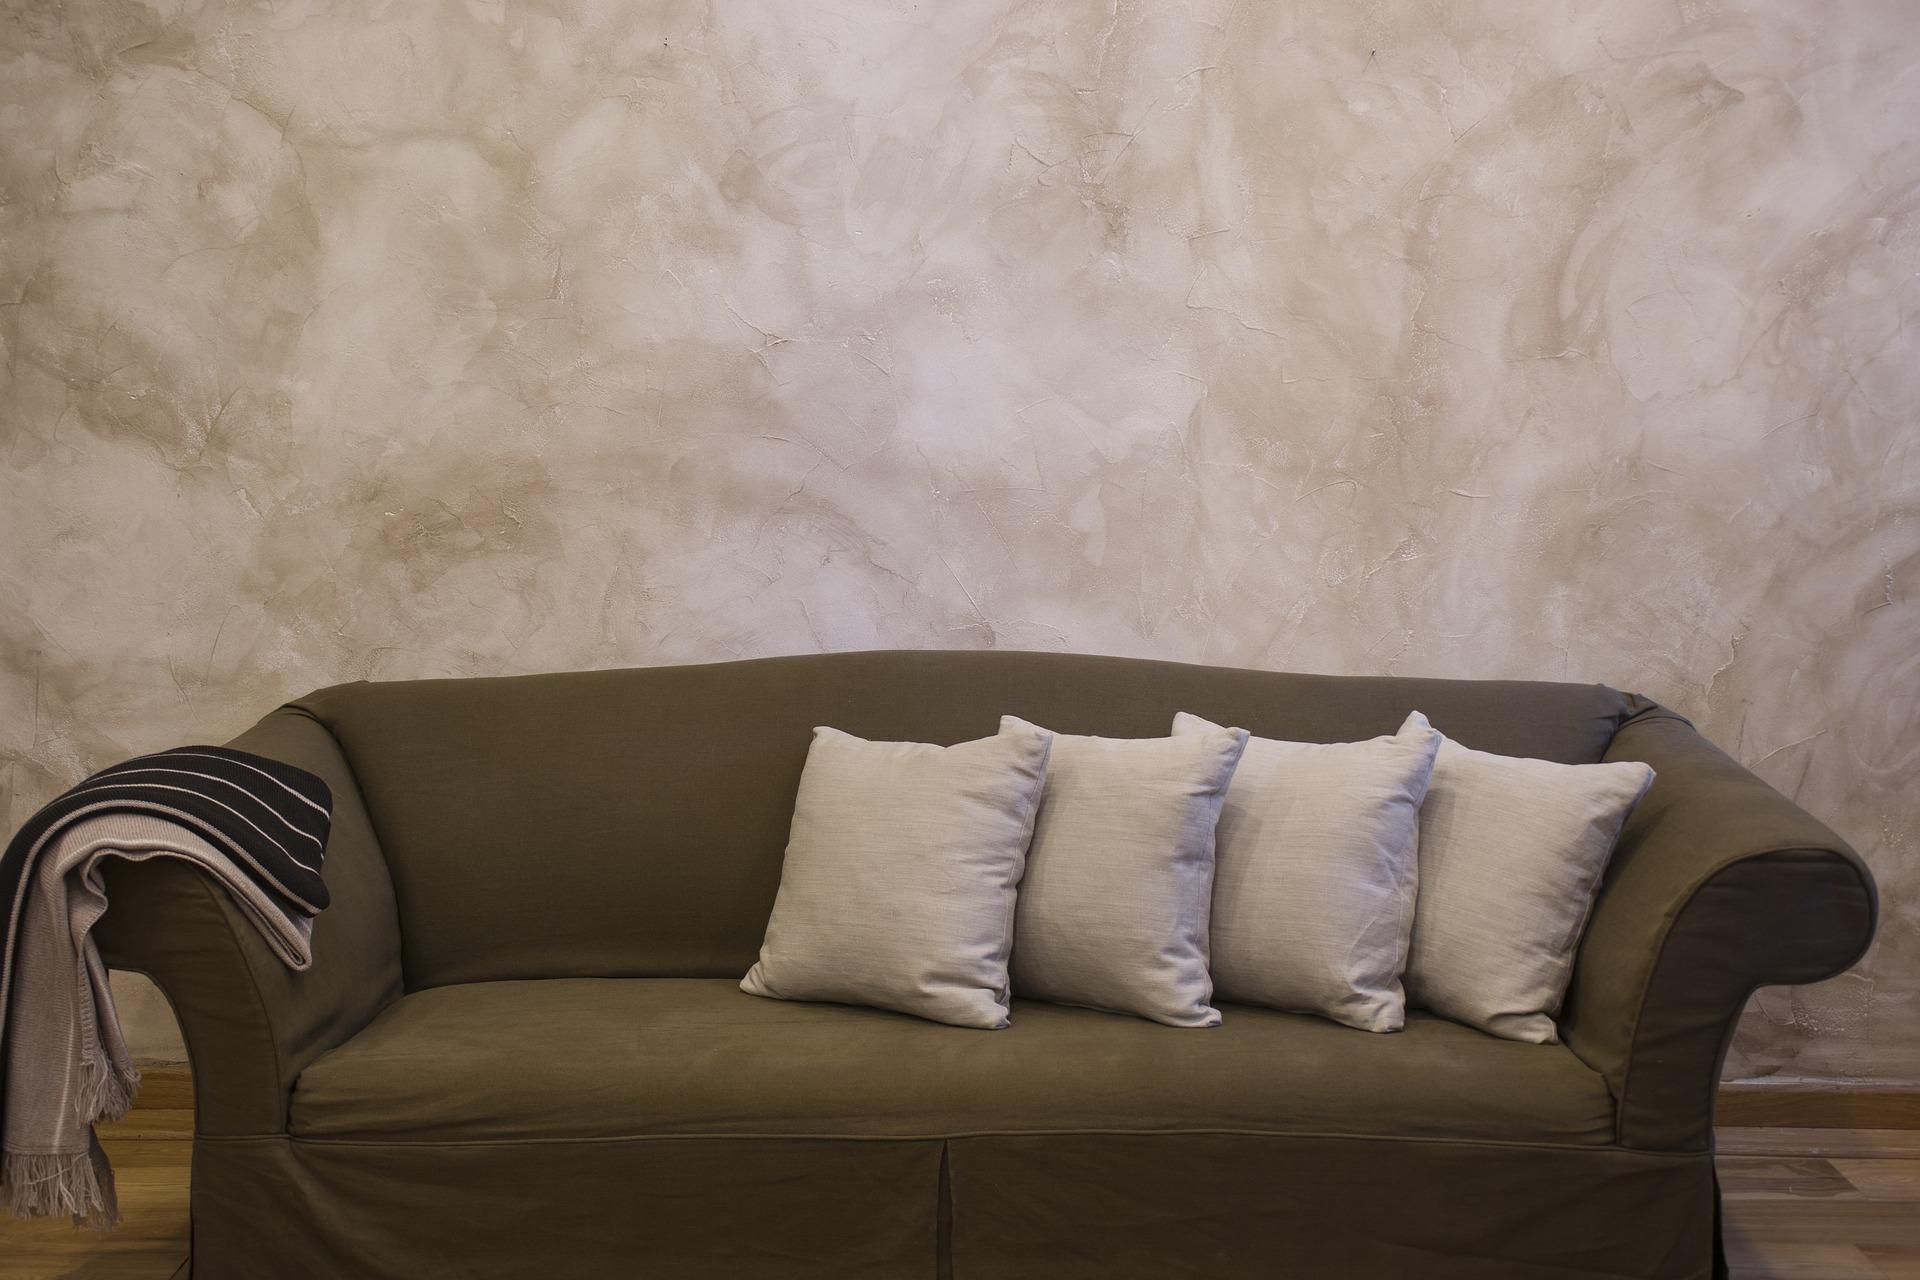 Pohodlné křeslo nebo designový solitér do interiéru?